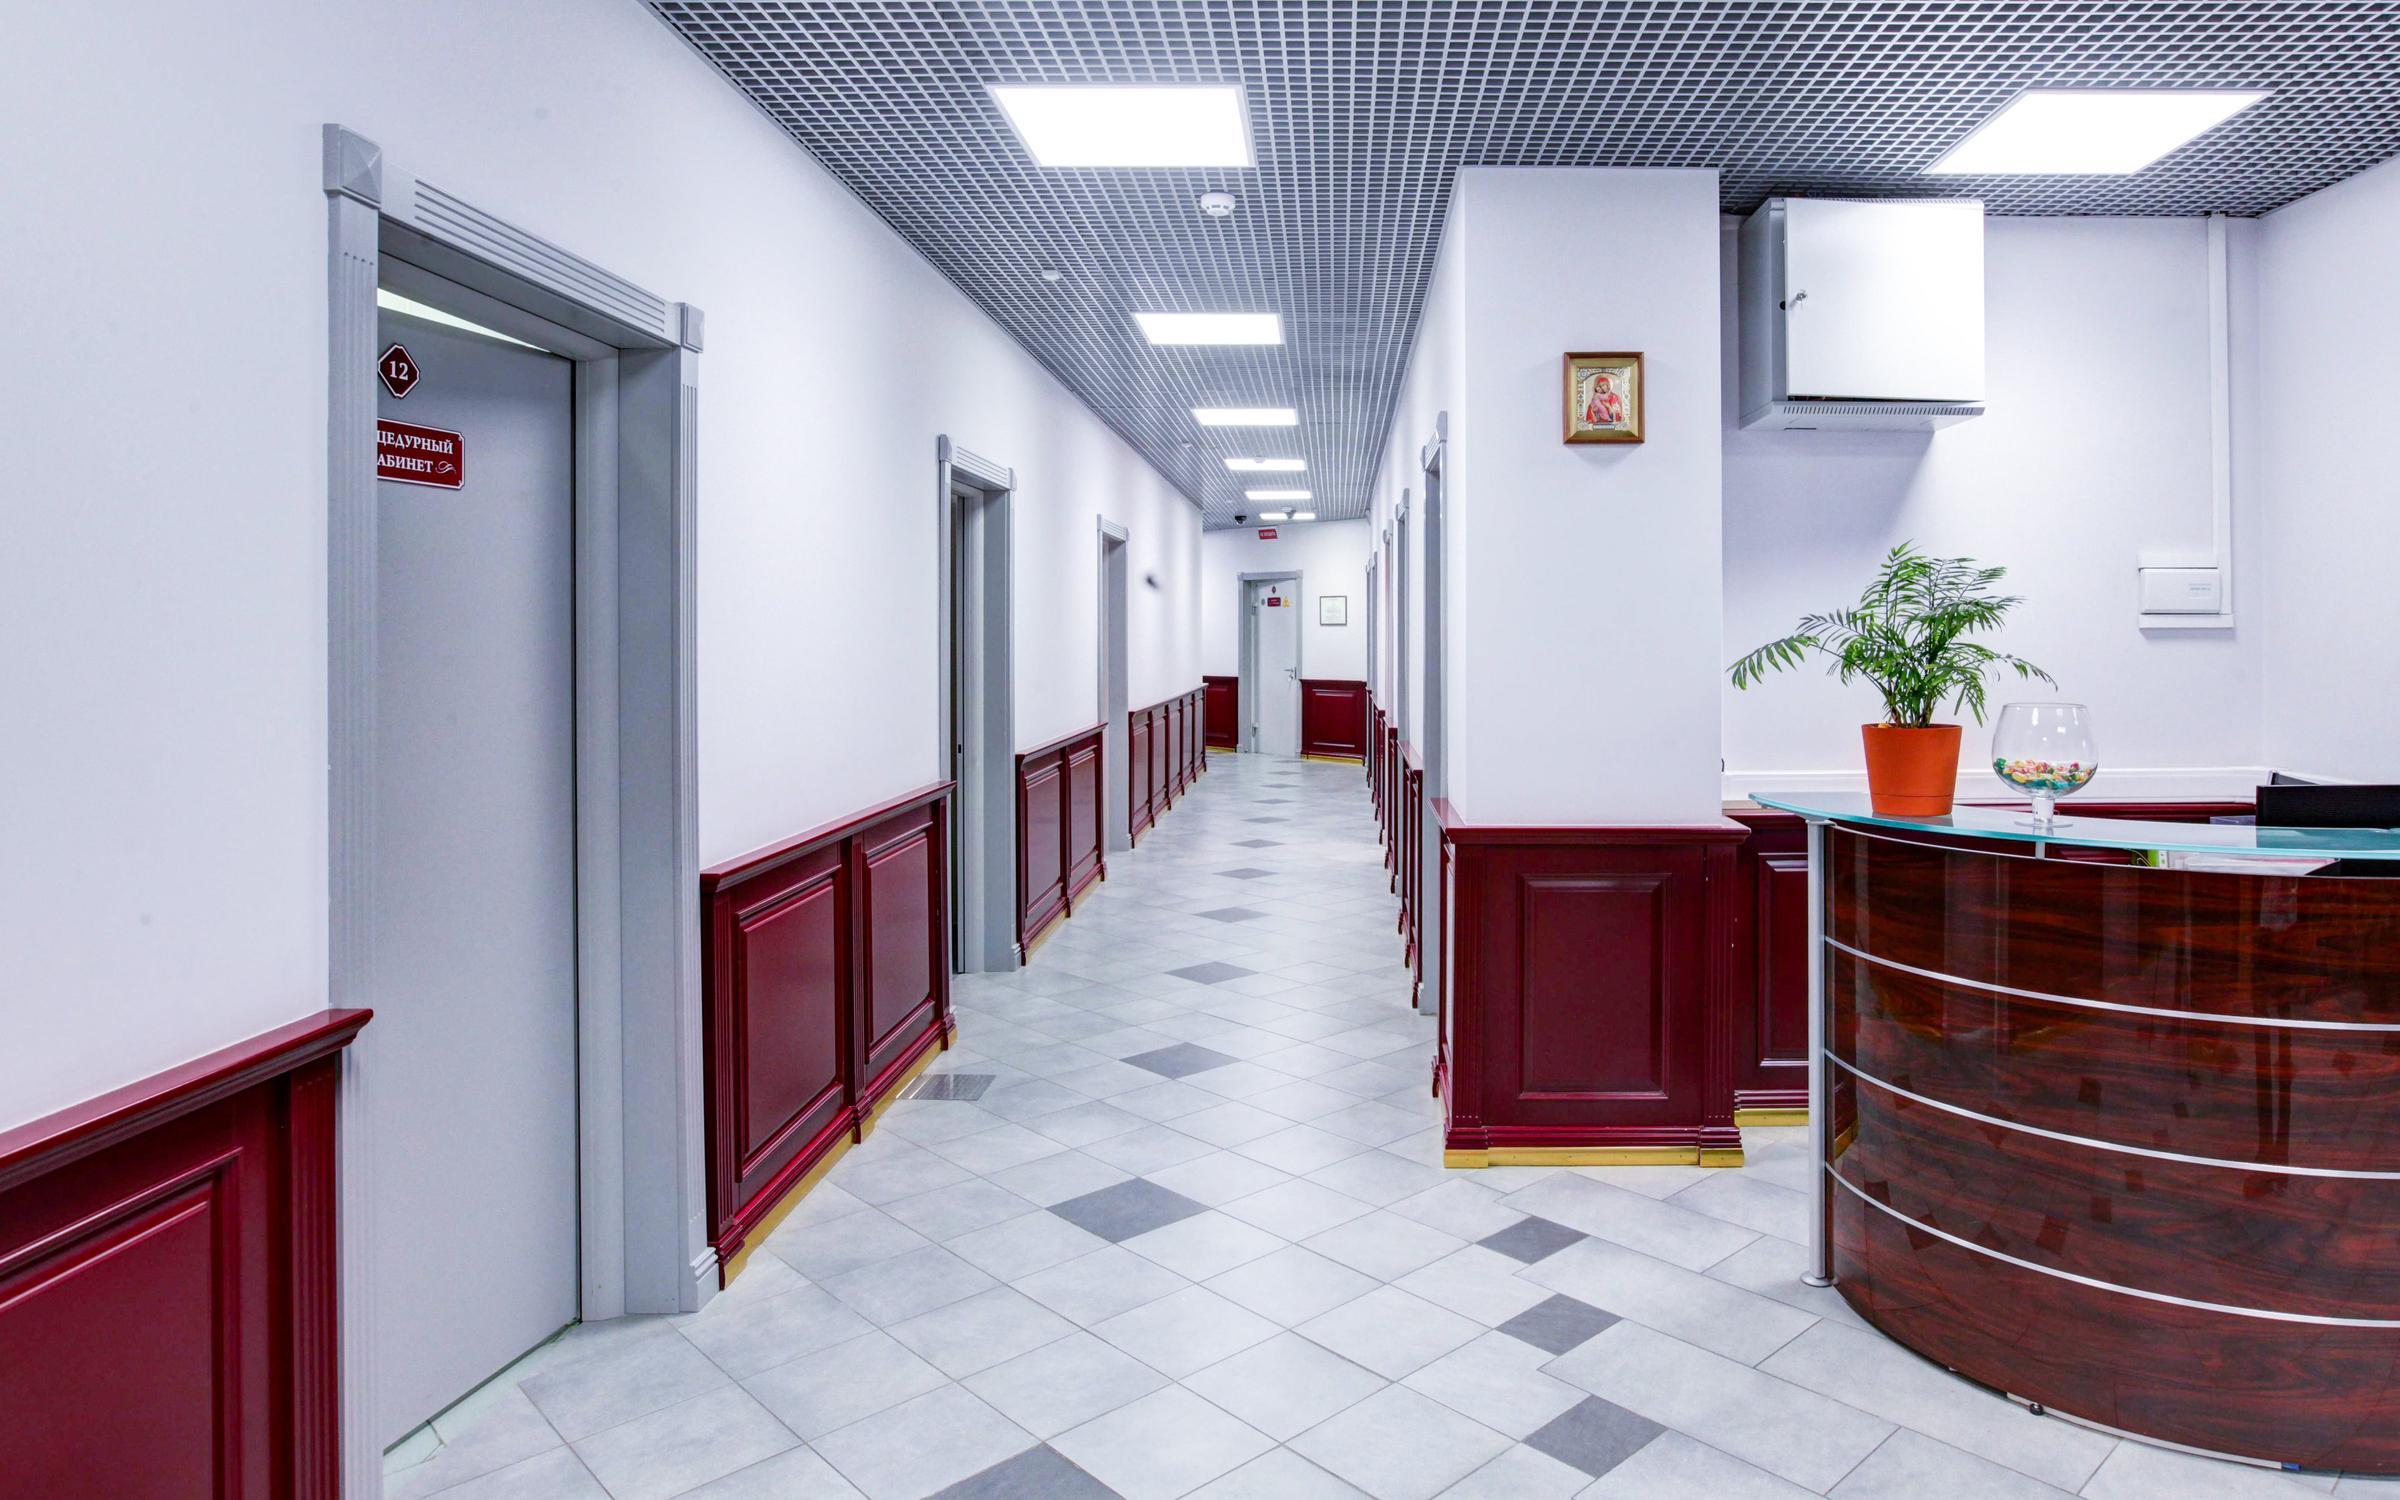 Записаться на прием к врачу в 5 больницу ижевск